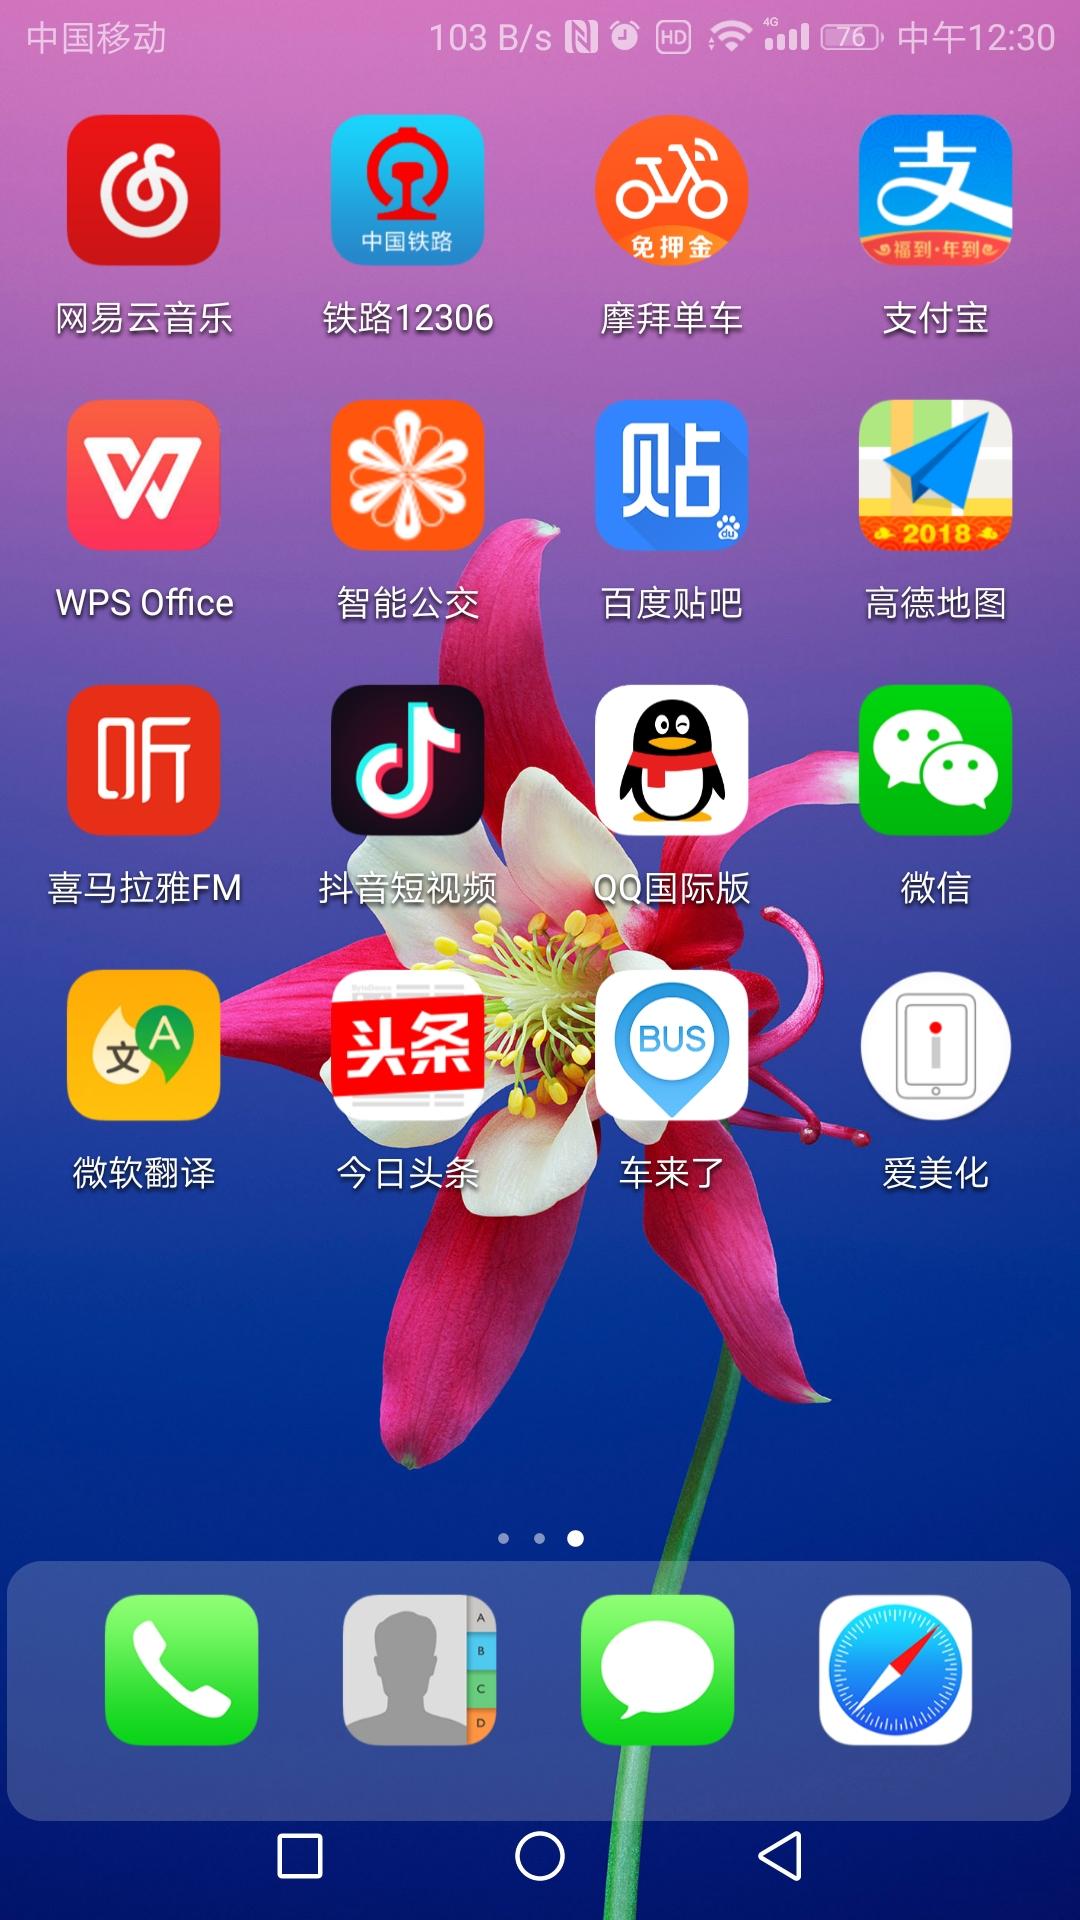 Screenshot_20180929-123049.jpg